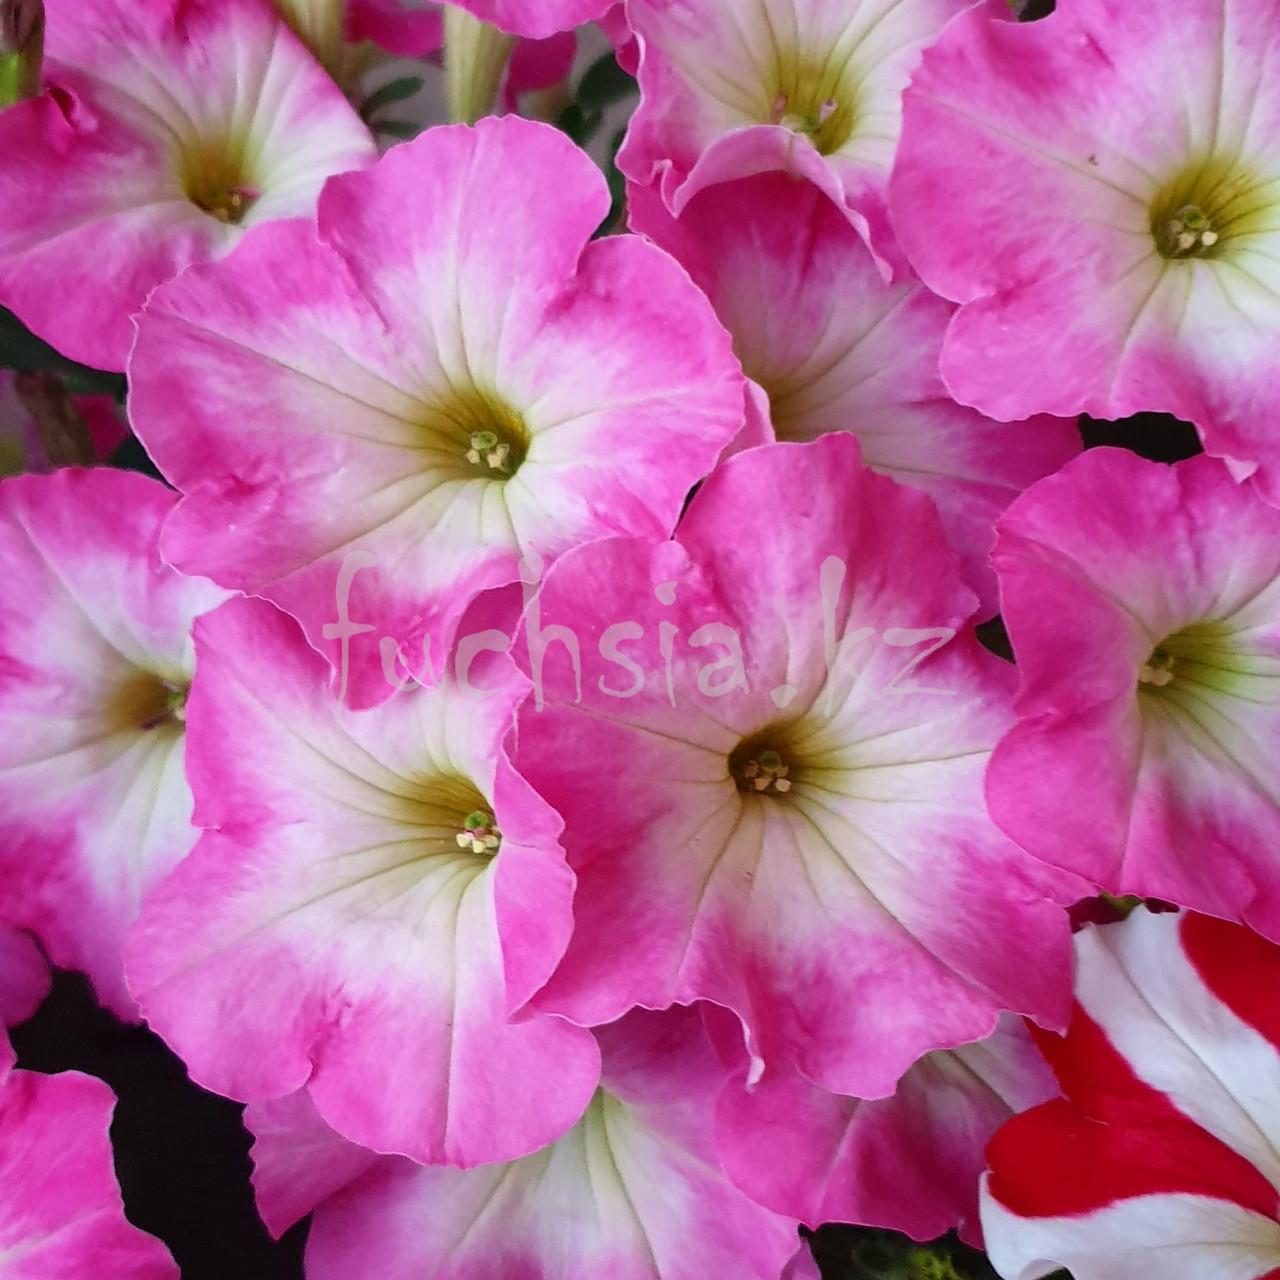 Viva Pinkceptional №526 / подрощенное растение